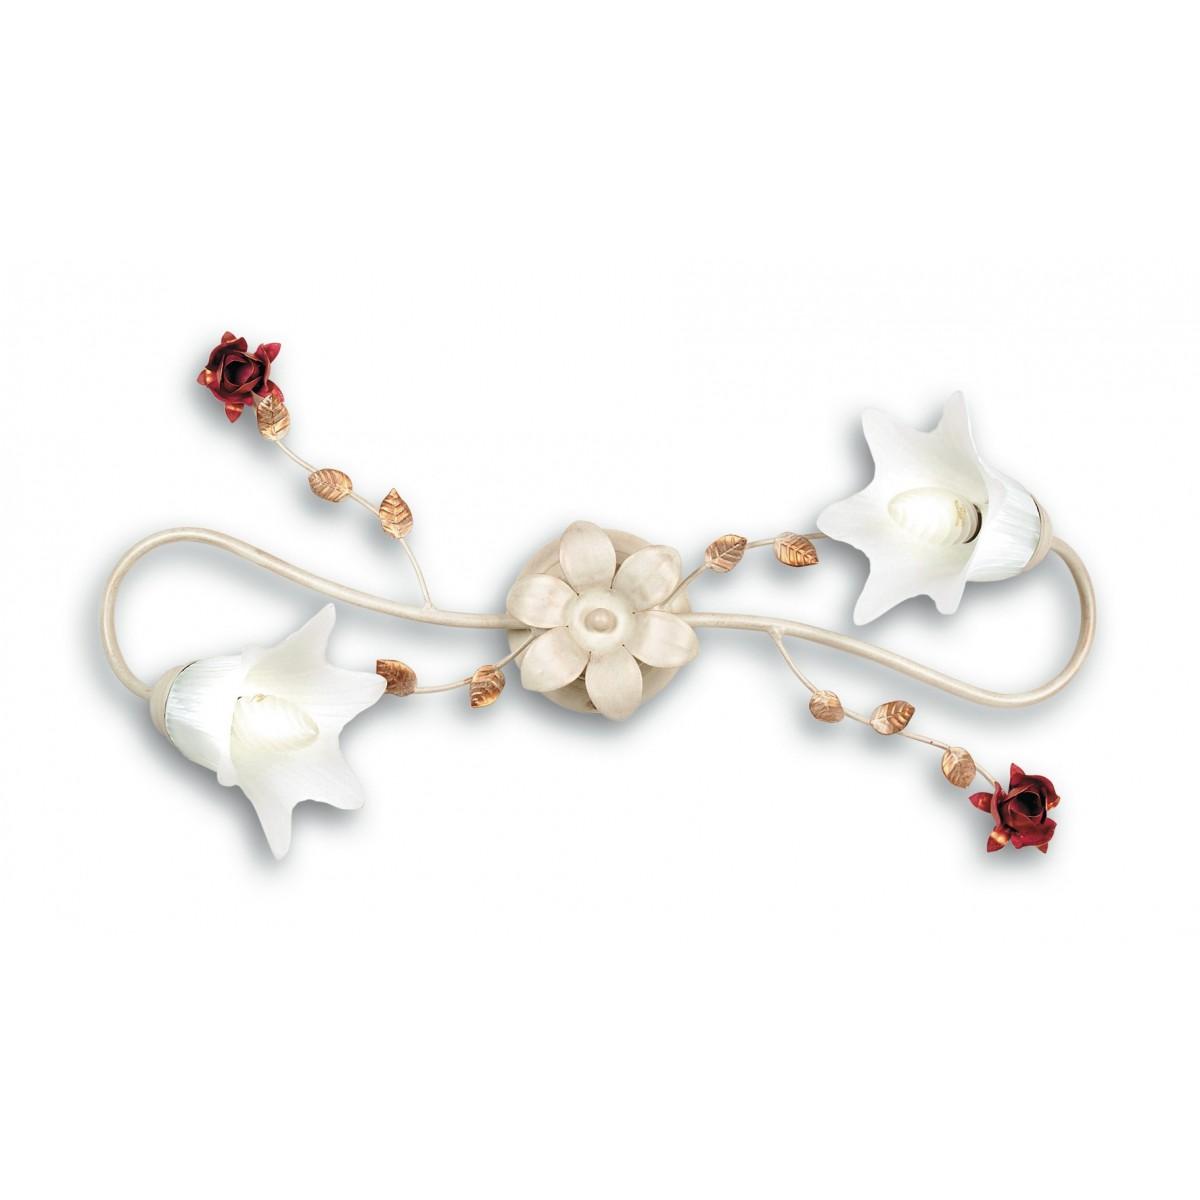 ROSE / PL2 - Plafonnier élégant Lampe classique en verre métal blanc Roses rouges E14